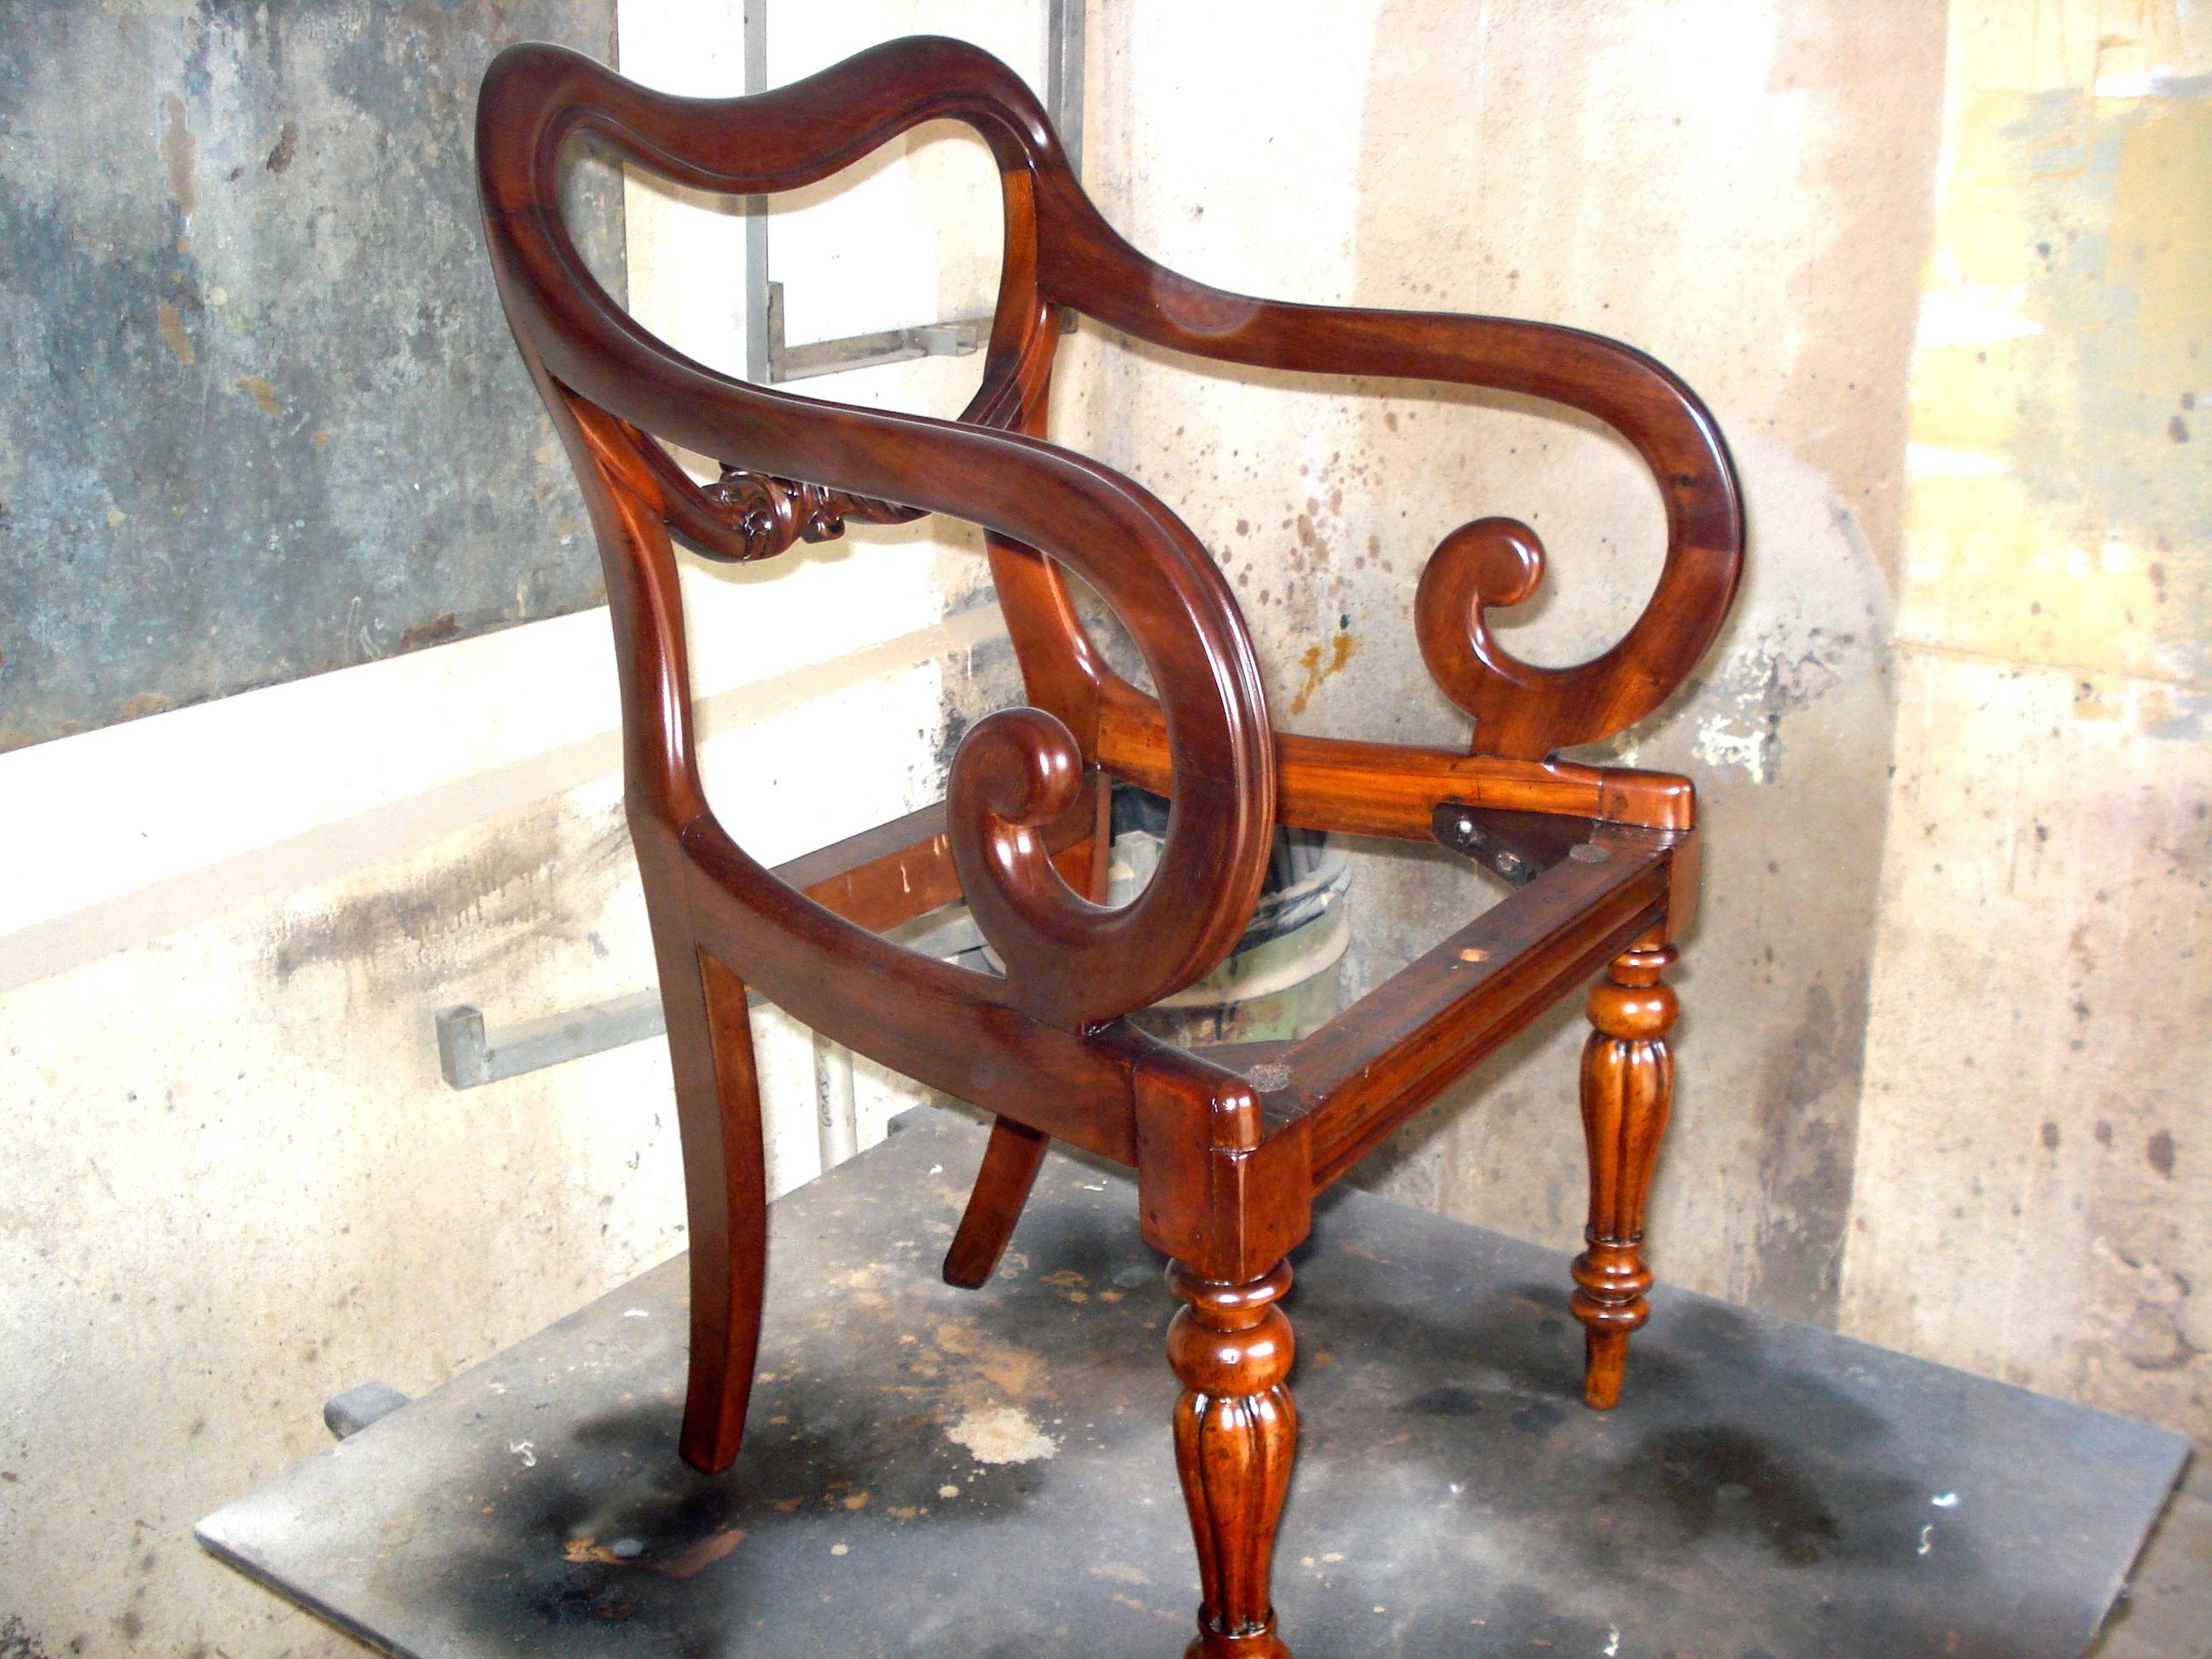 27 chaise escabeau ikea stunning rgrund reprise de for Chaise escabeau